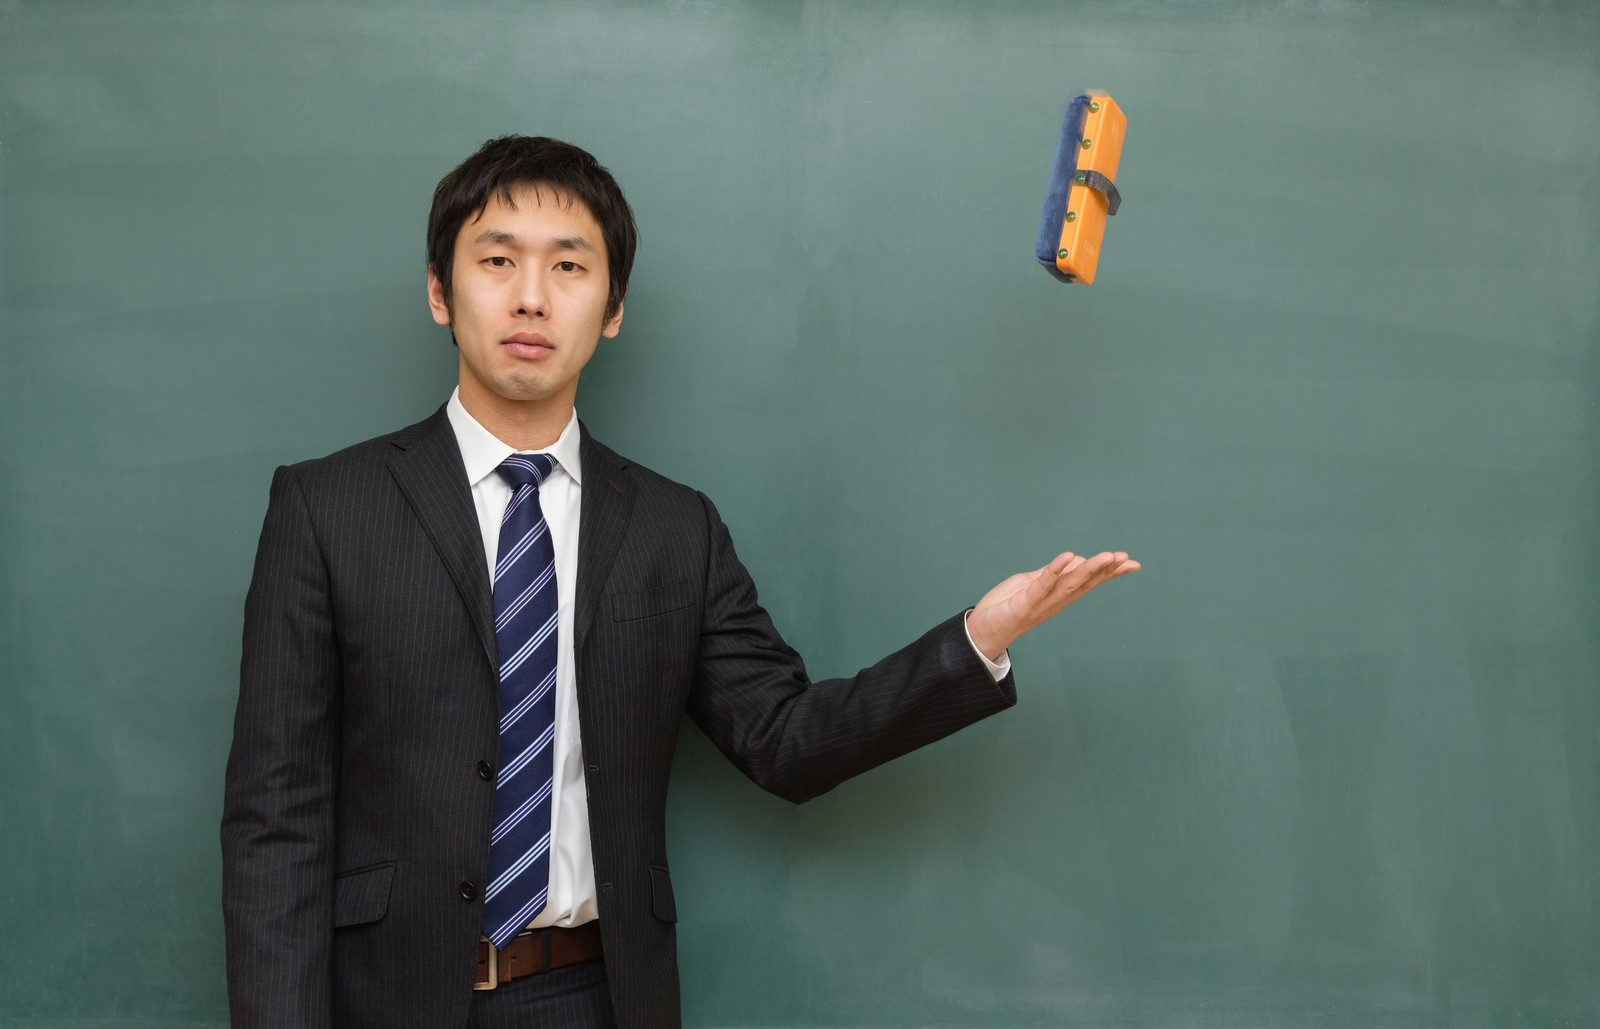 「黒板消しを投げる講師」の写真[モデル:大川竜弥]